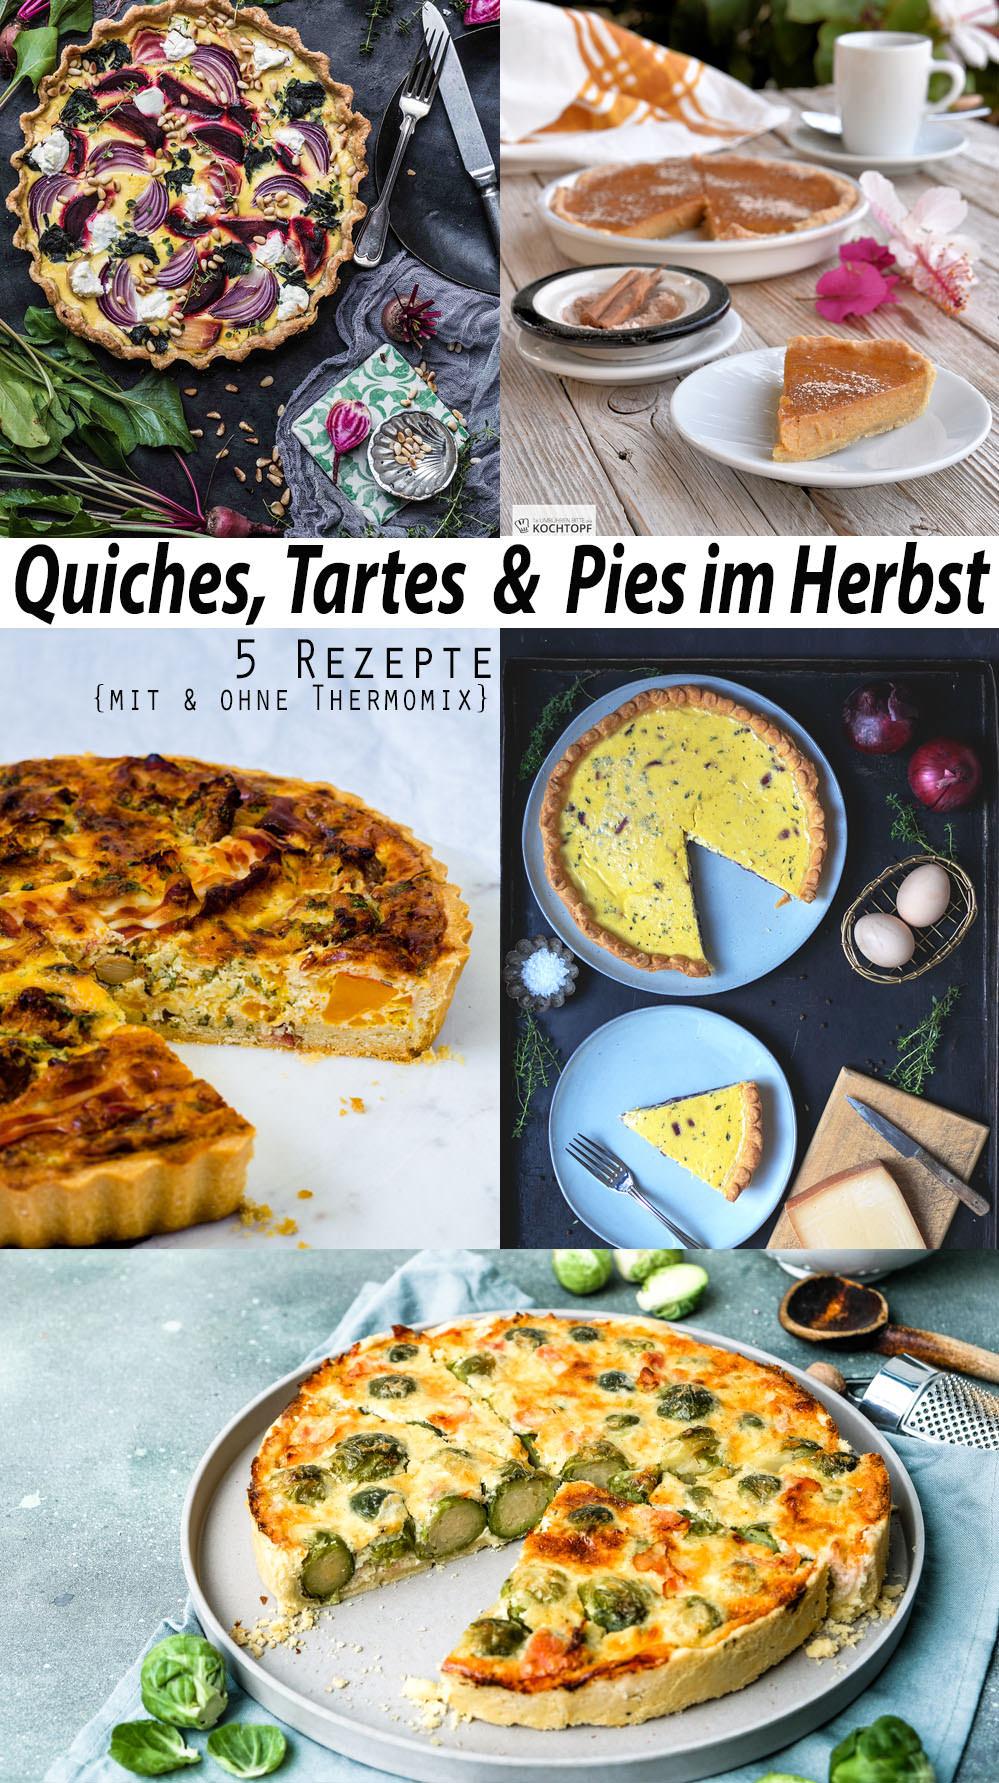 Quiche Tarte und Pie im Herbst _ 5 Rezepte mit und ohne Thermomix #tmdonnerstag 2